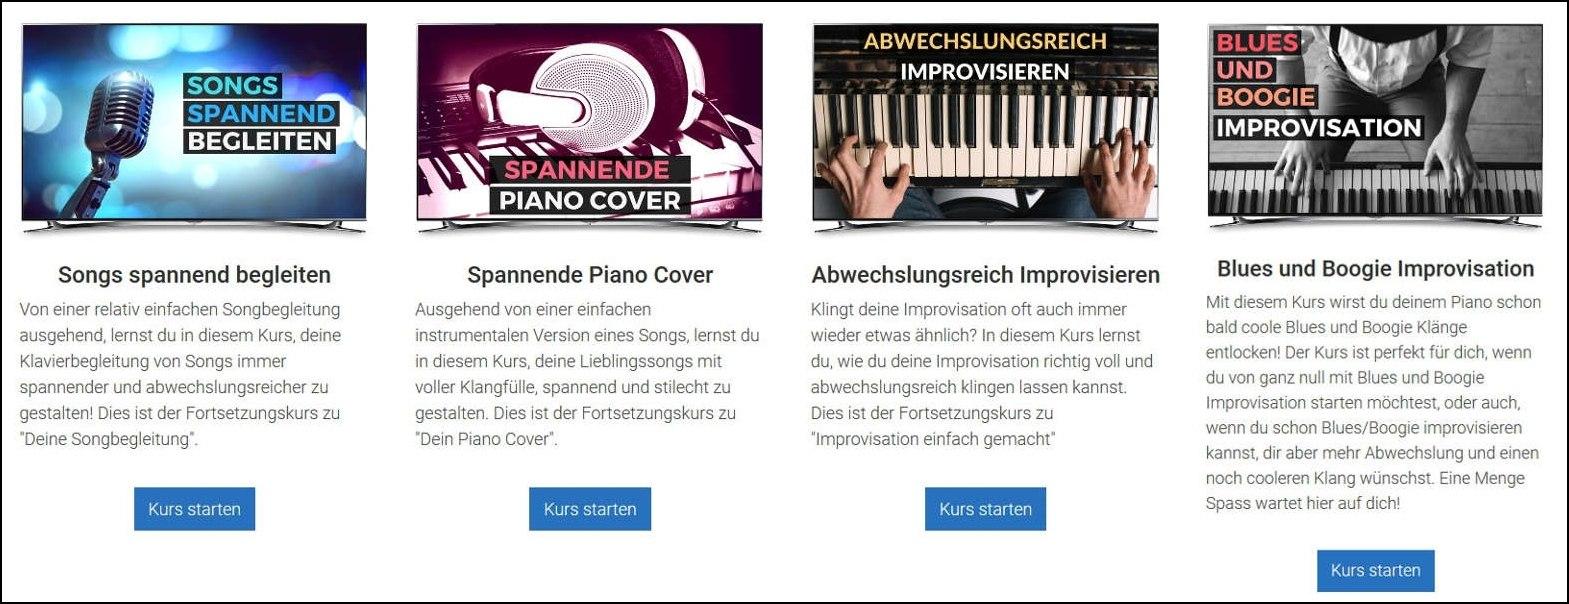 Weiterführende Klavierkurse: Songs spannend begleiten, abwechslungsreich improvisieren, Blues und Boogie Improvisation (Freiklavierspielen.com)